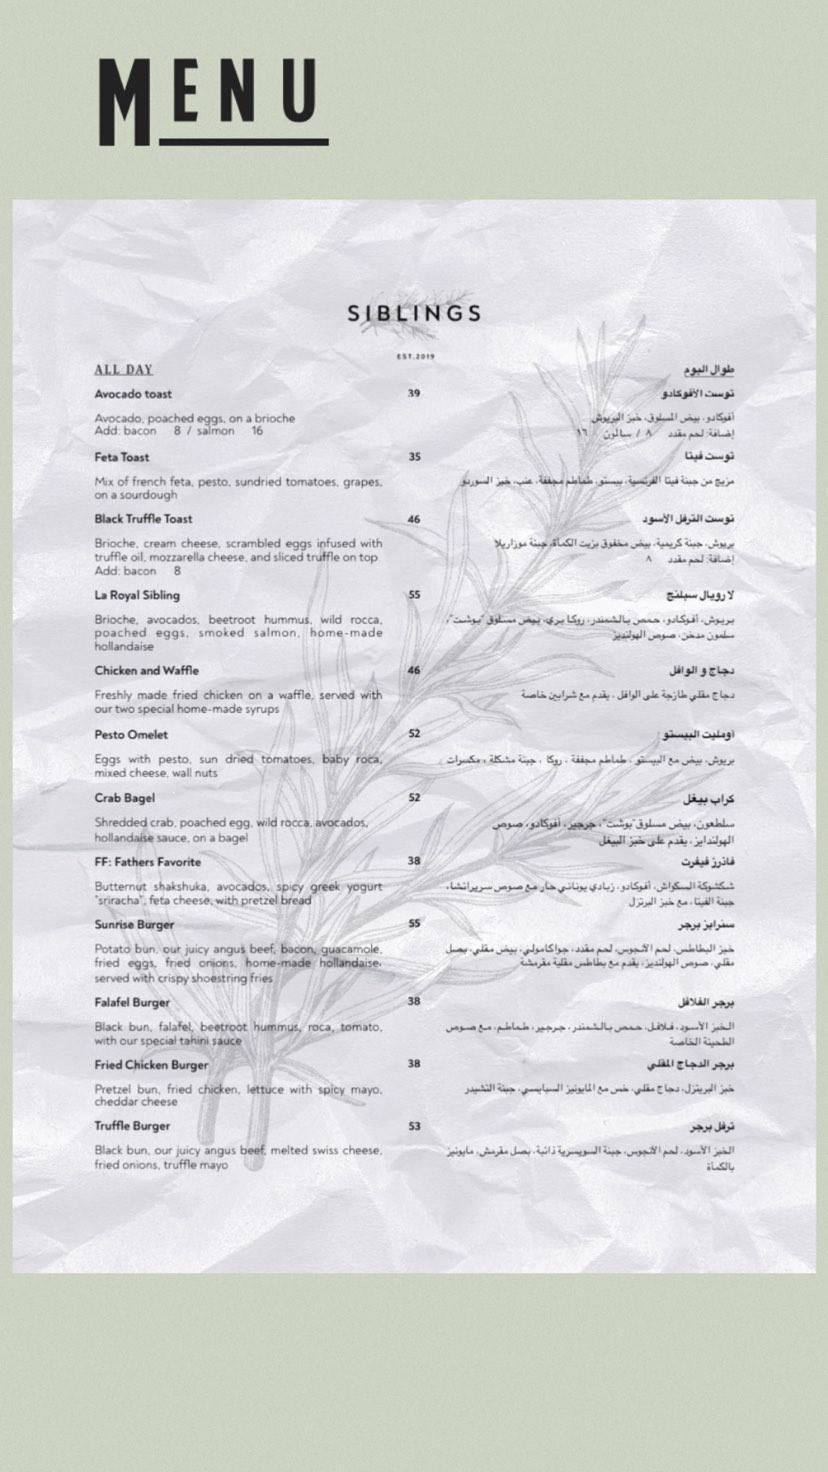 منيو مطعم سبلنجز في جدة